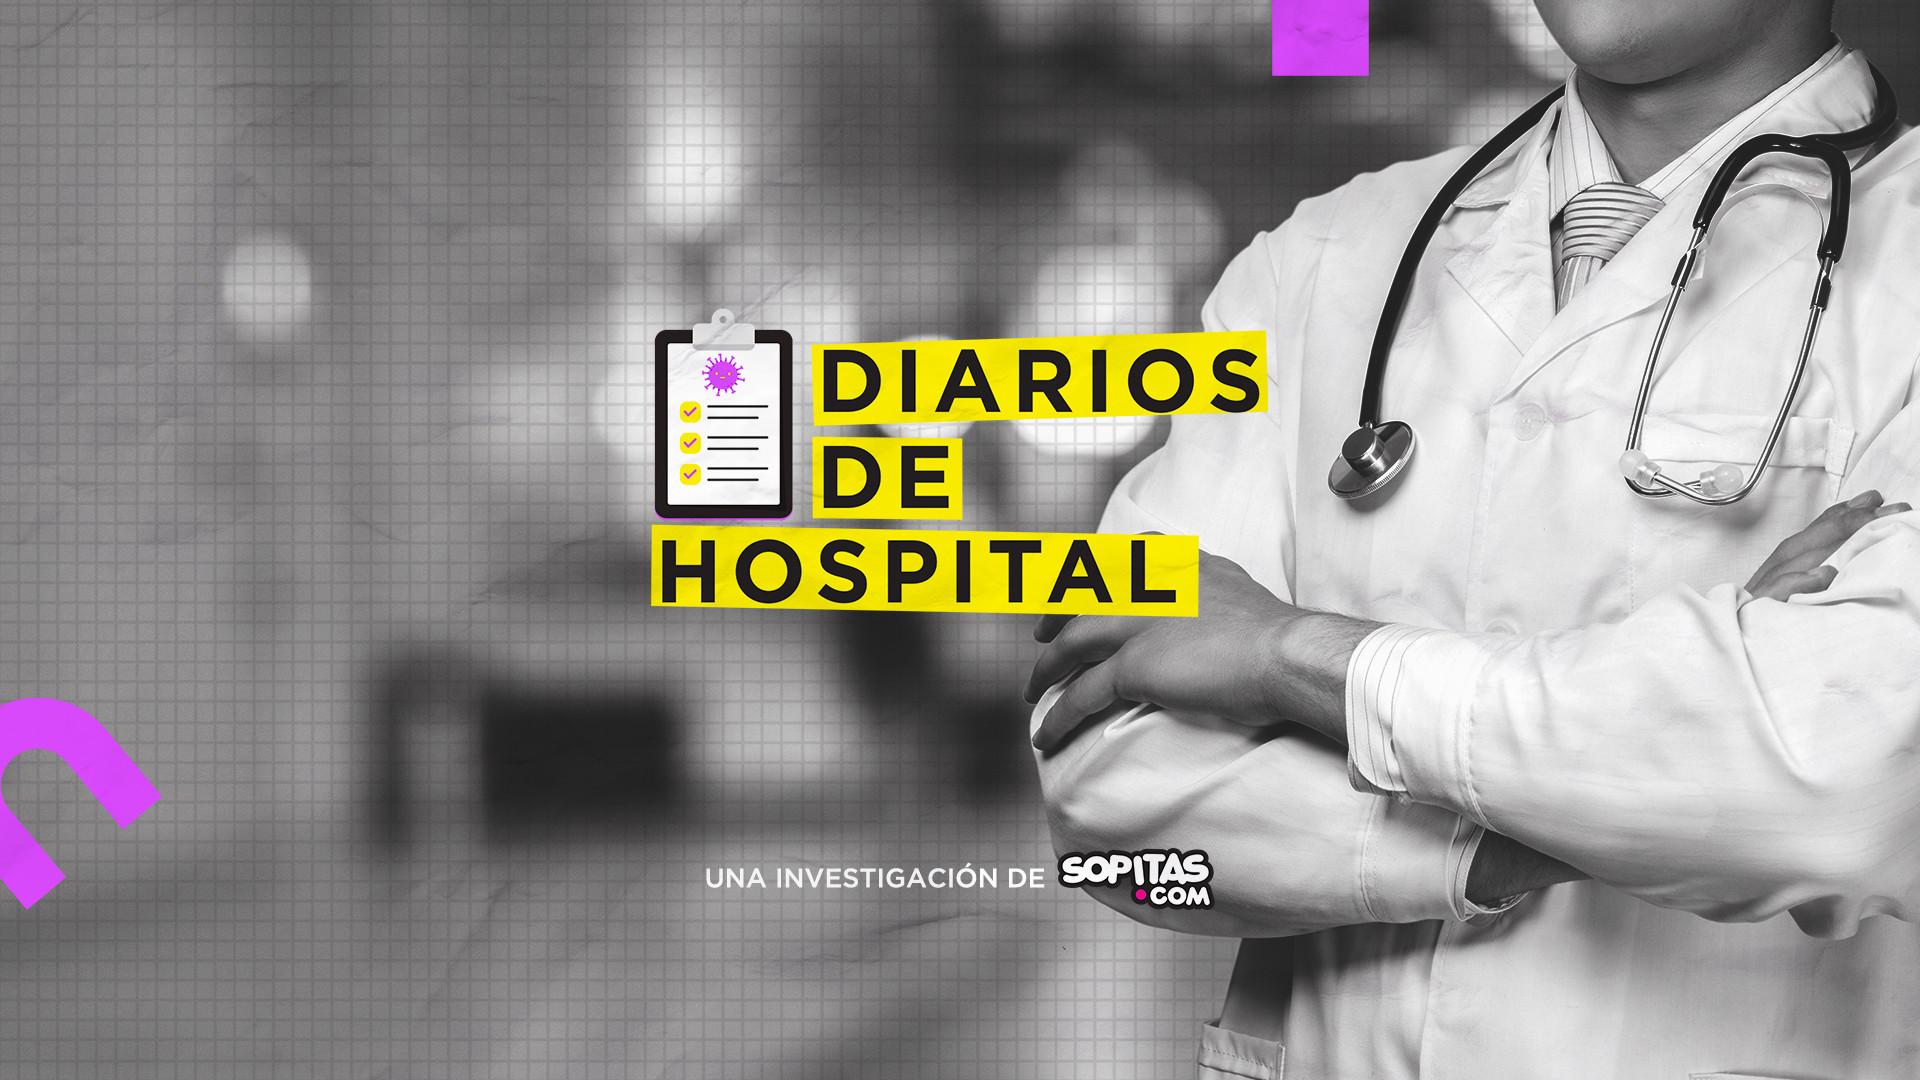 Diarios de Hospital